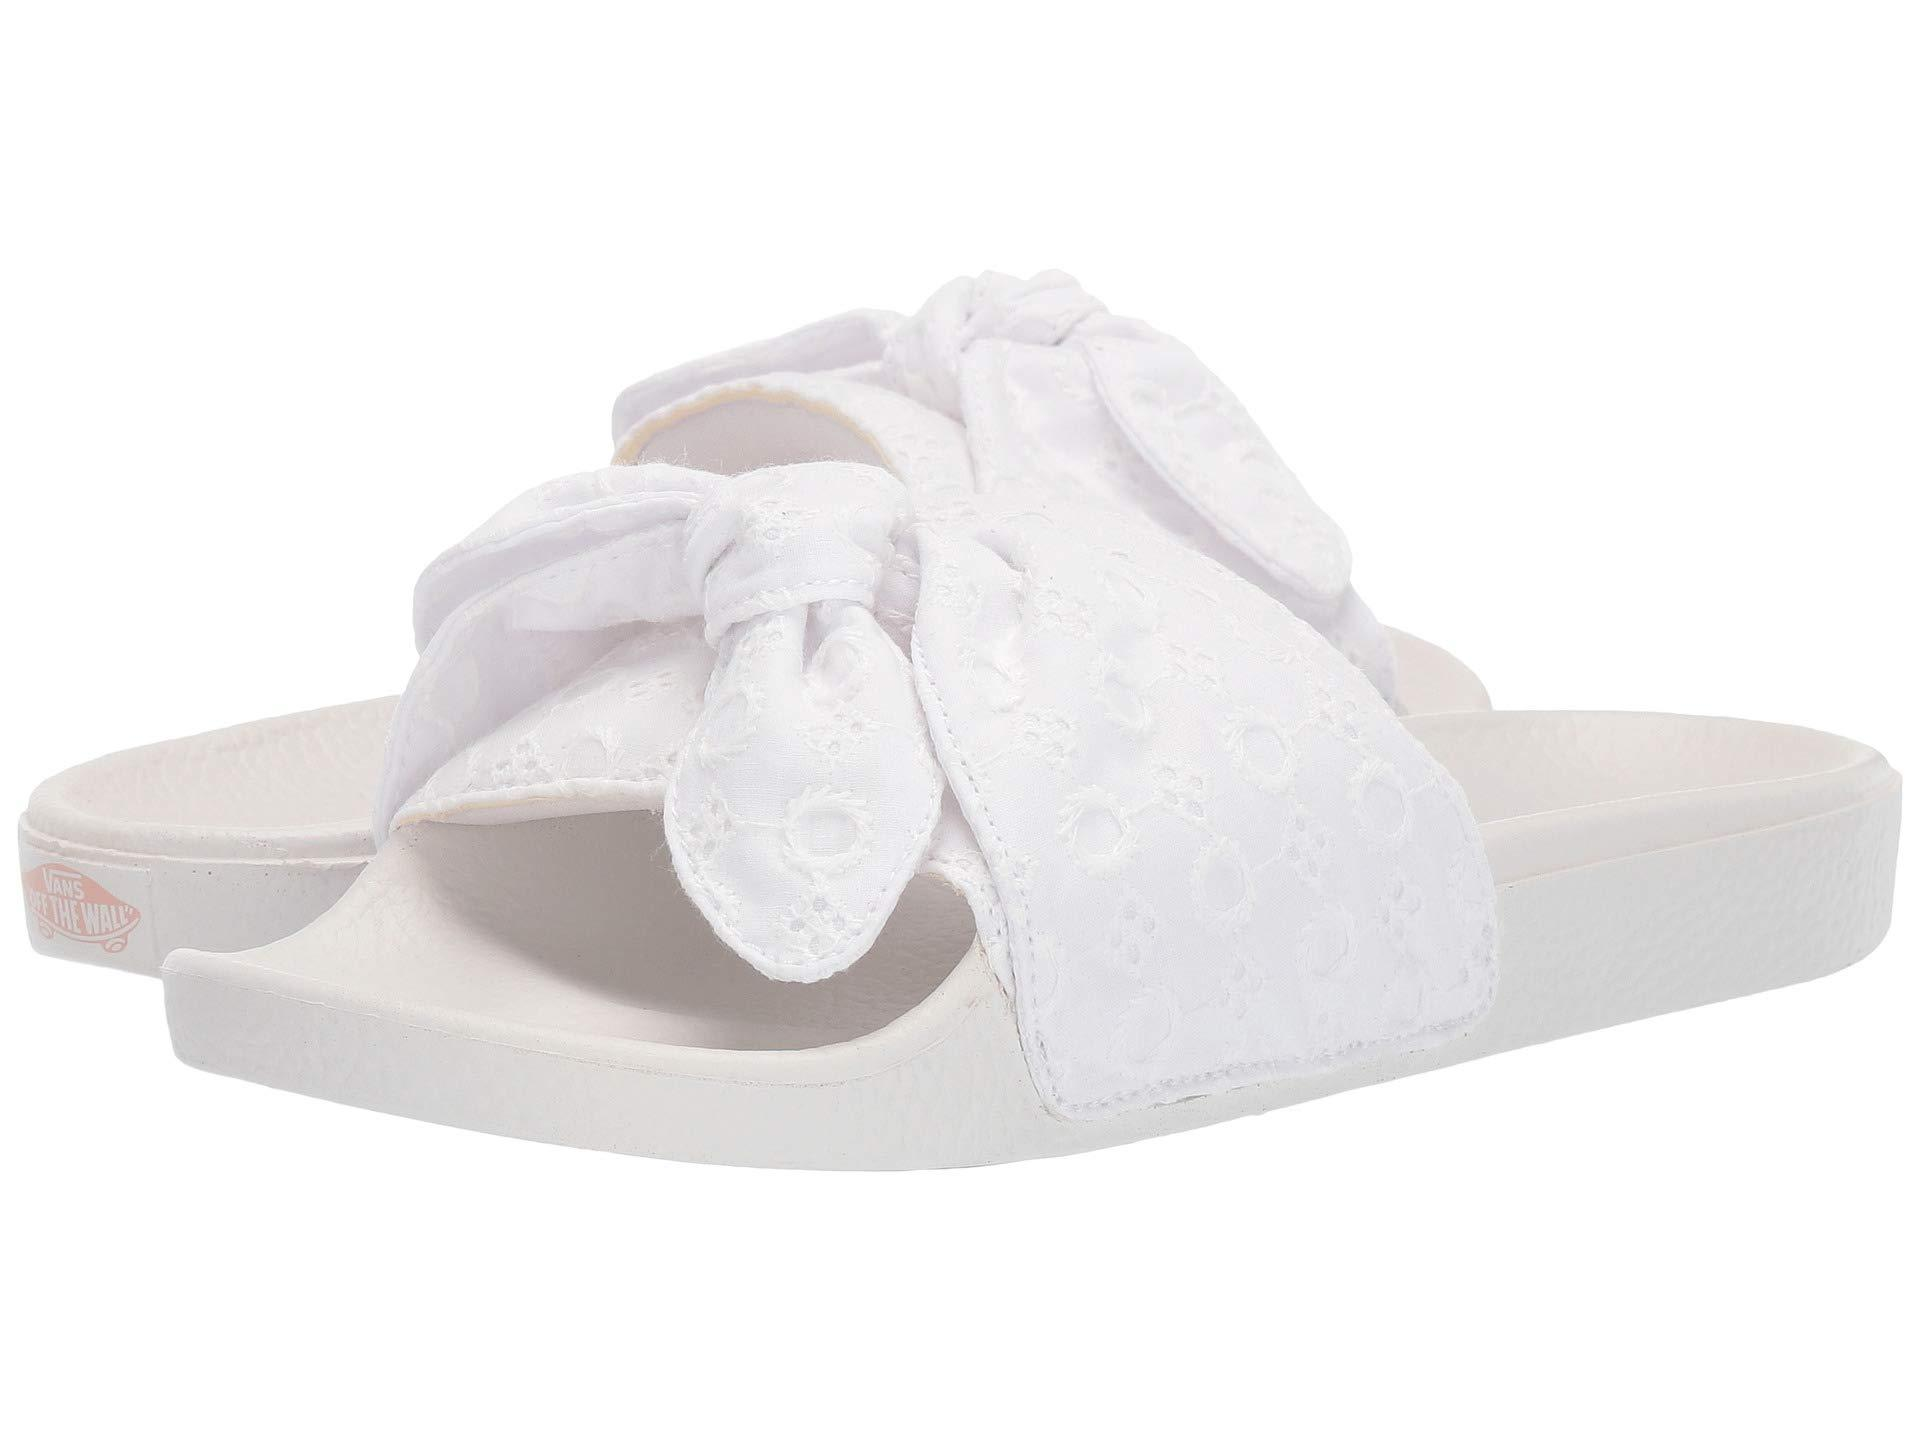 1835429af97f Lyst - Vans Slide-on (() Black) Women s Sandals in White